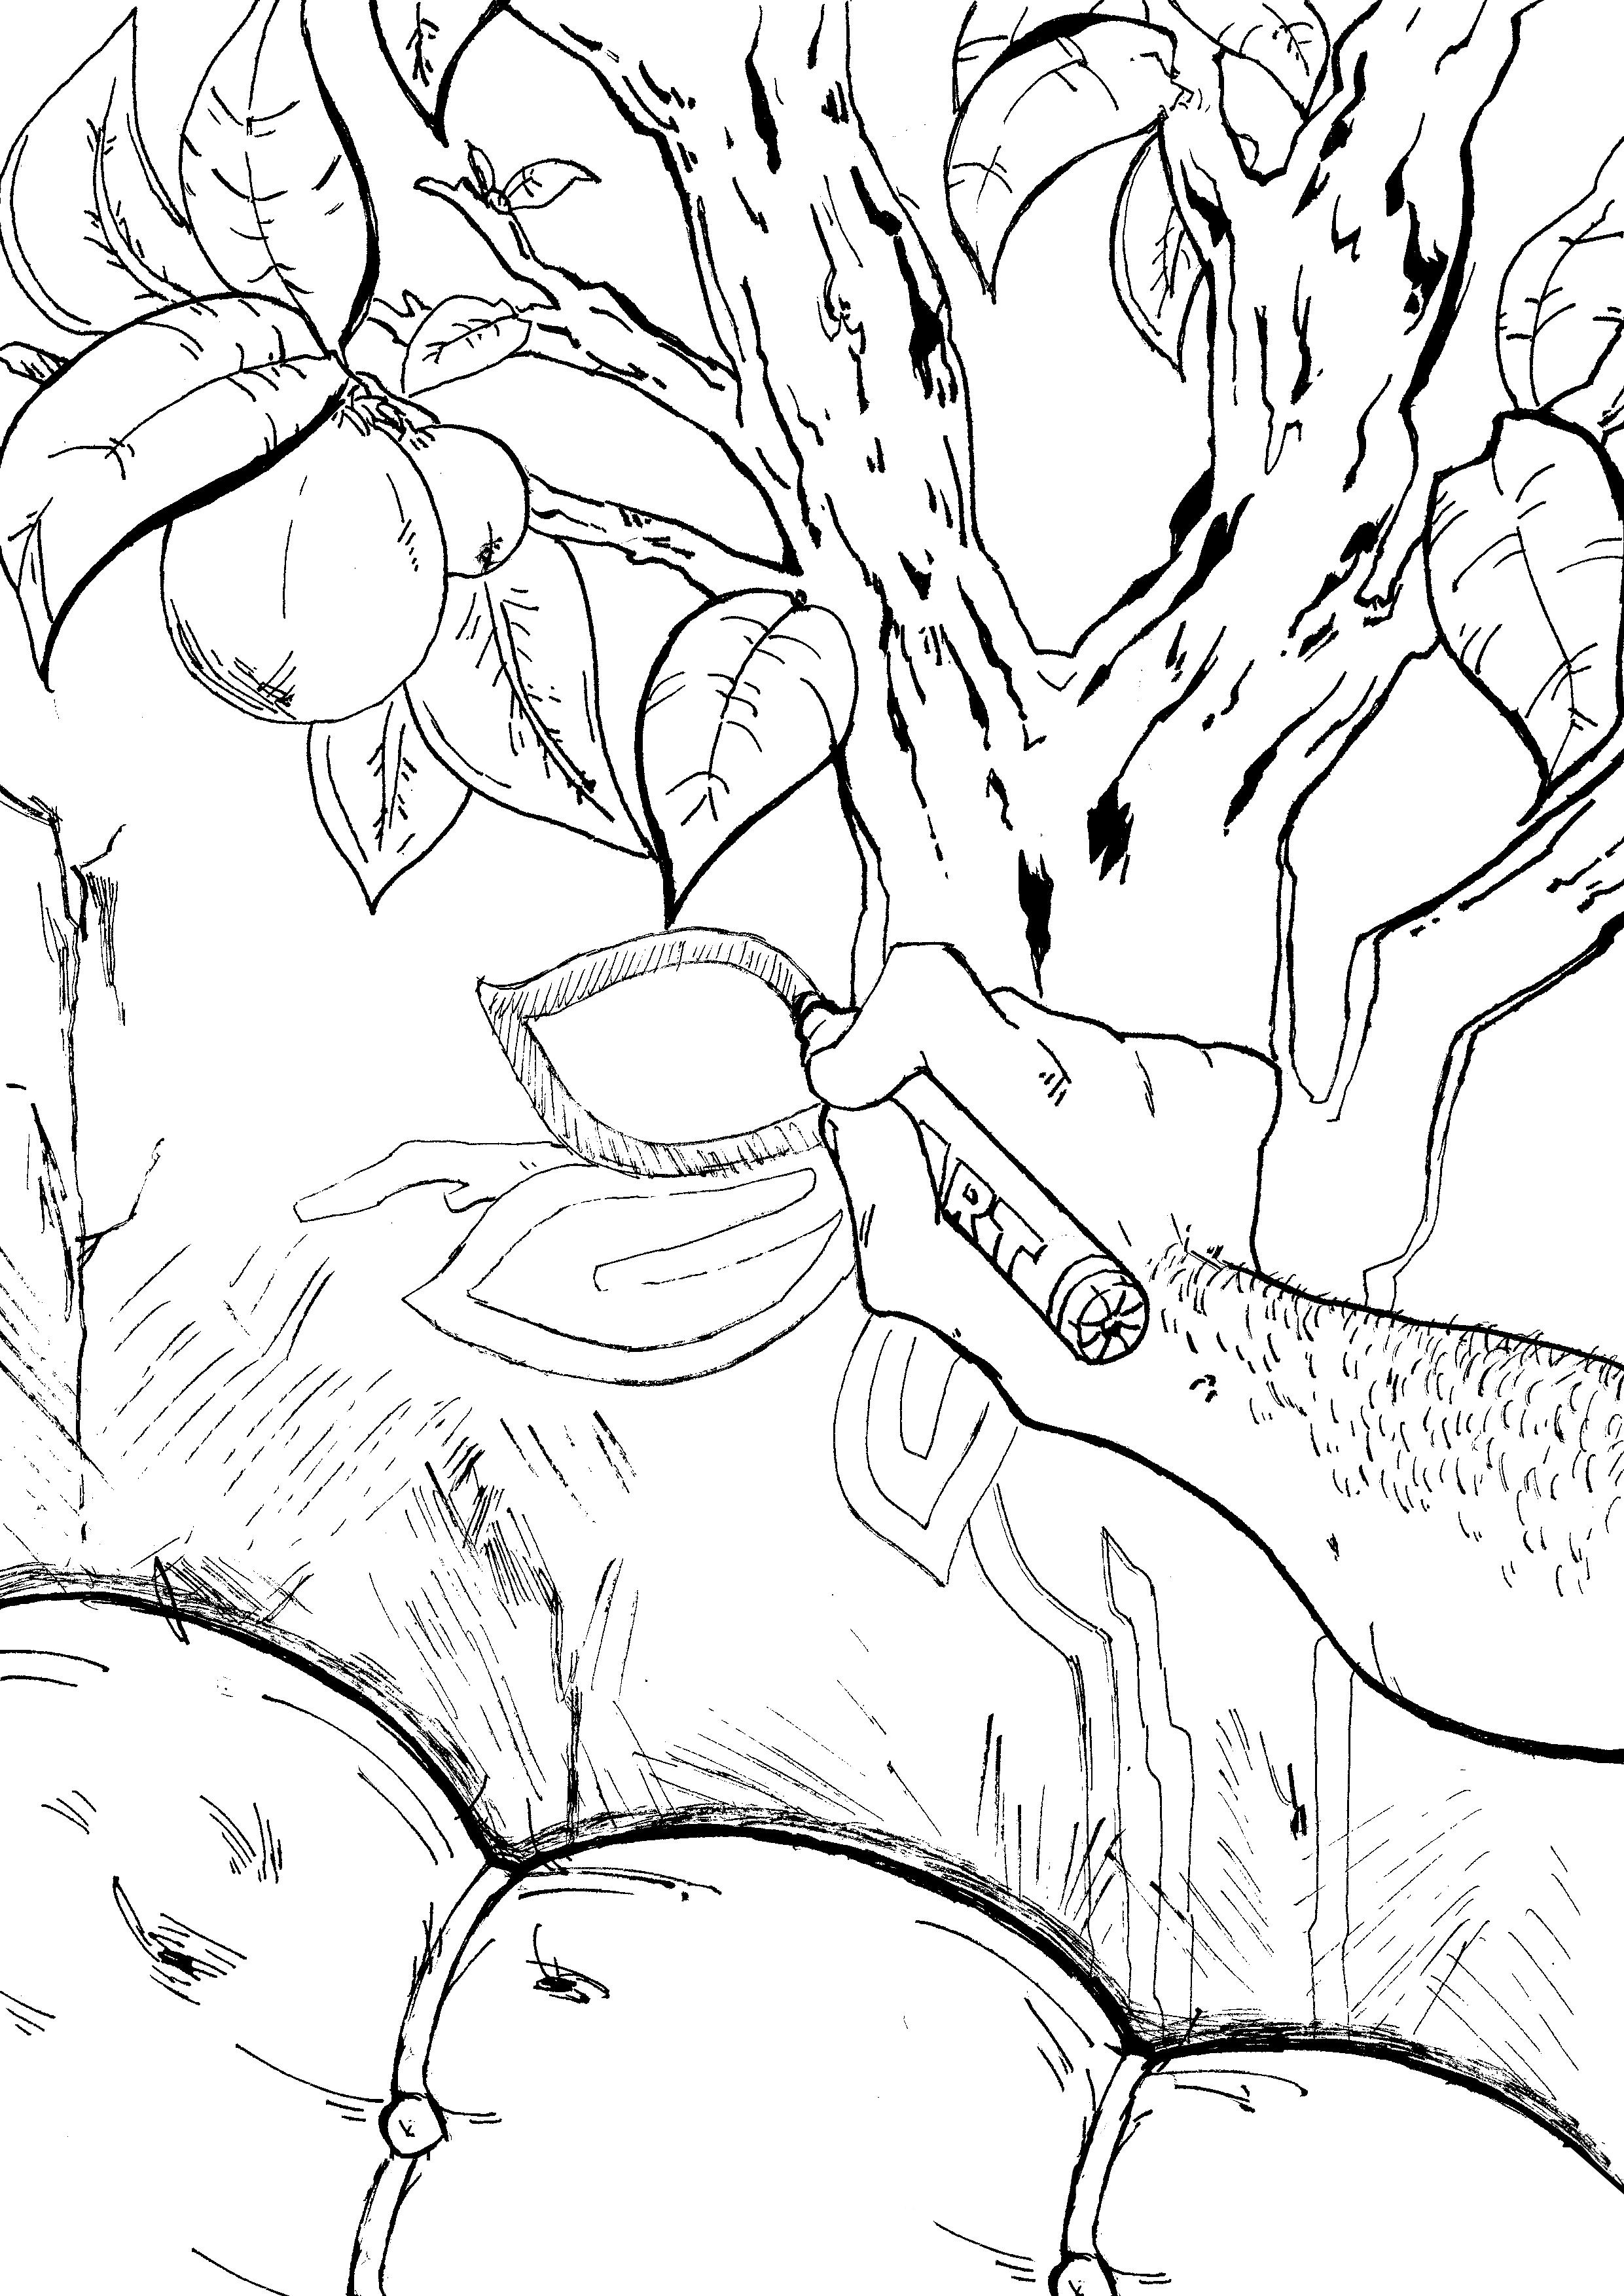 cover art by ZEKM https://www.patreon.com/ZEKM